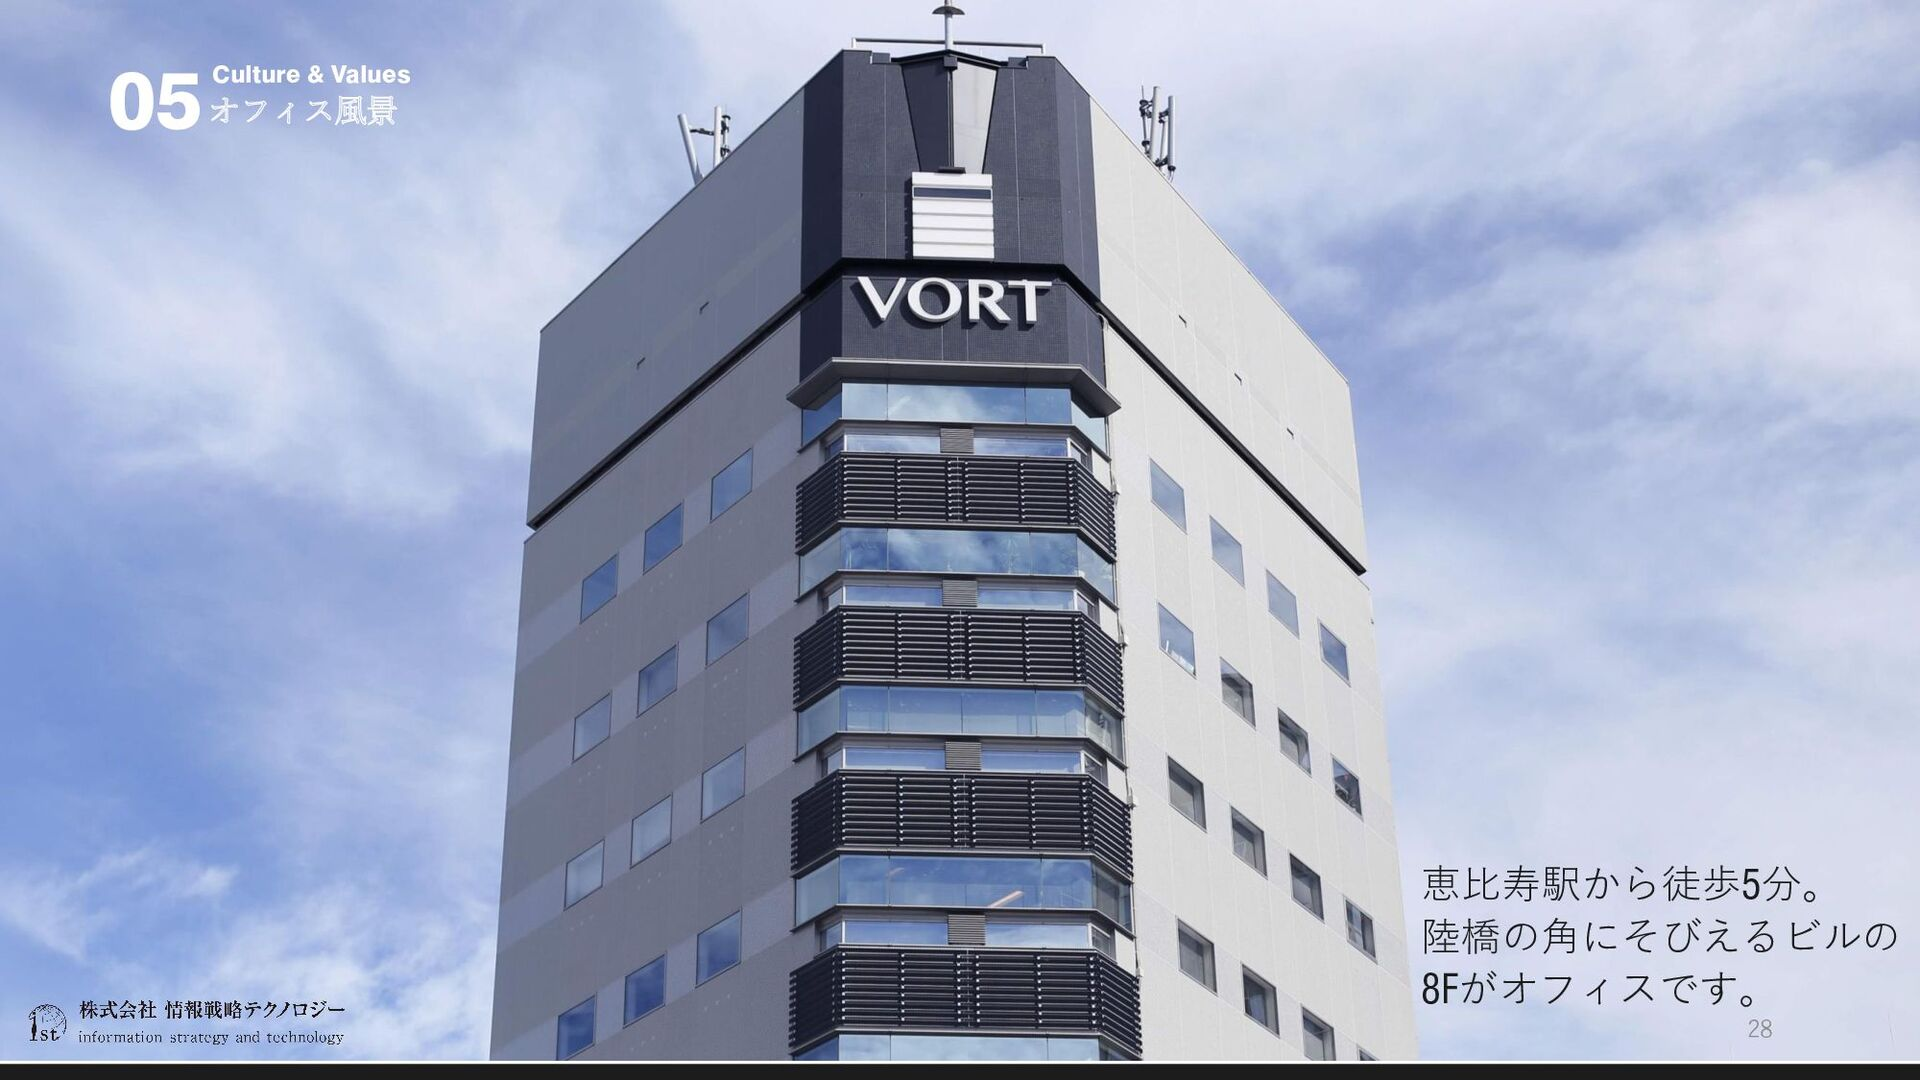 ラインマネジメント 部長 / 野沢幸雄 2009年 創業メンバーとして入社。代表の高井とは前々...